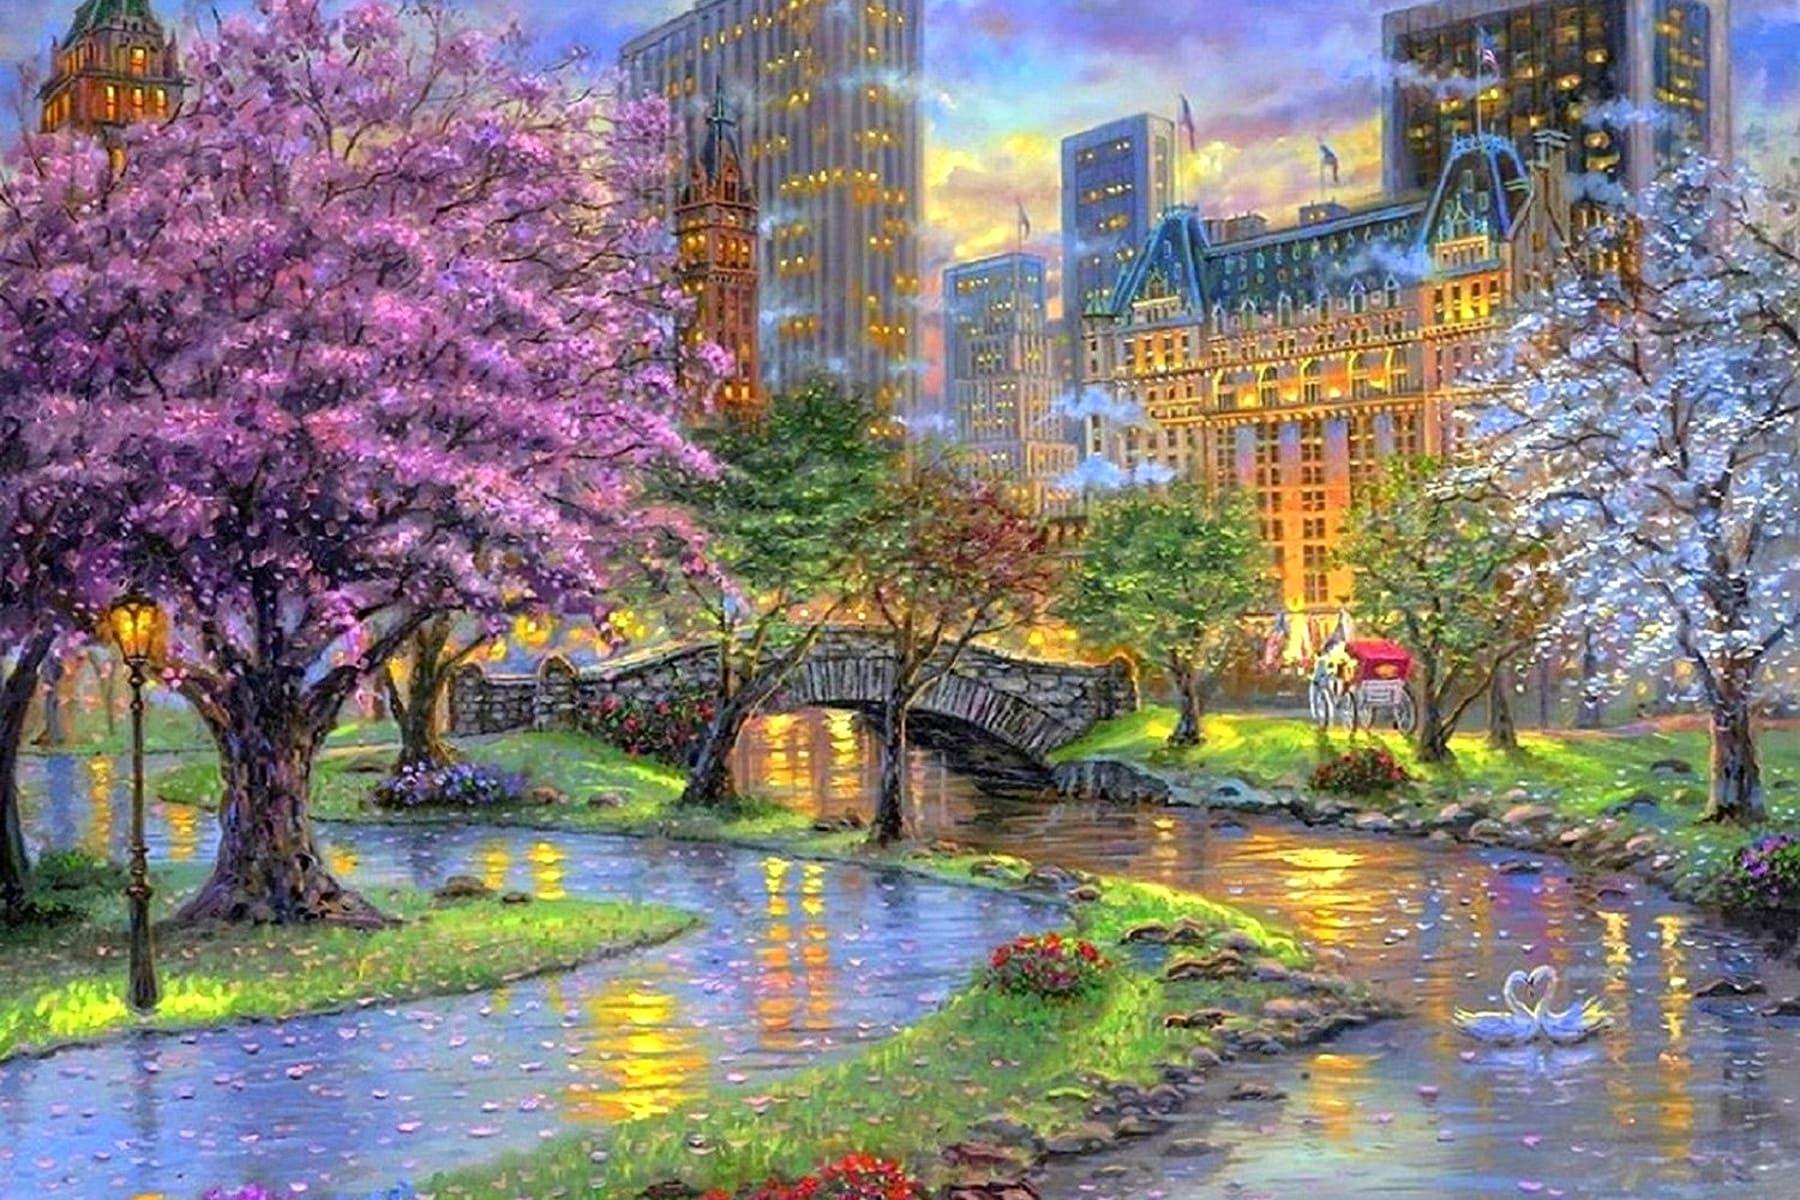 купальник картинки на тему город весной будет практично